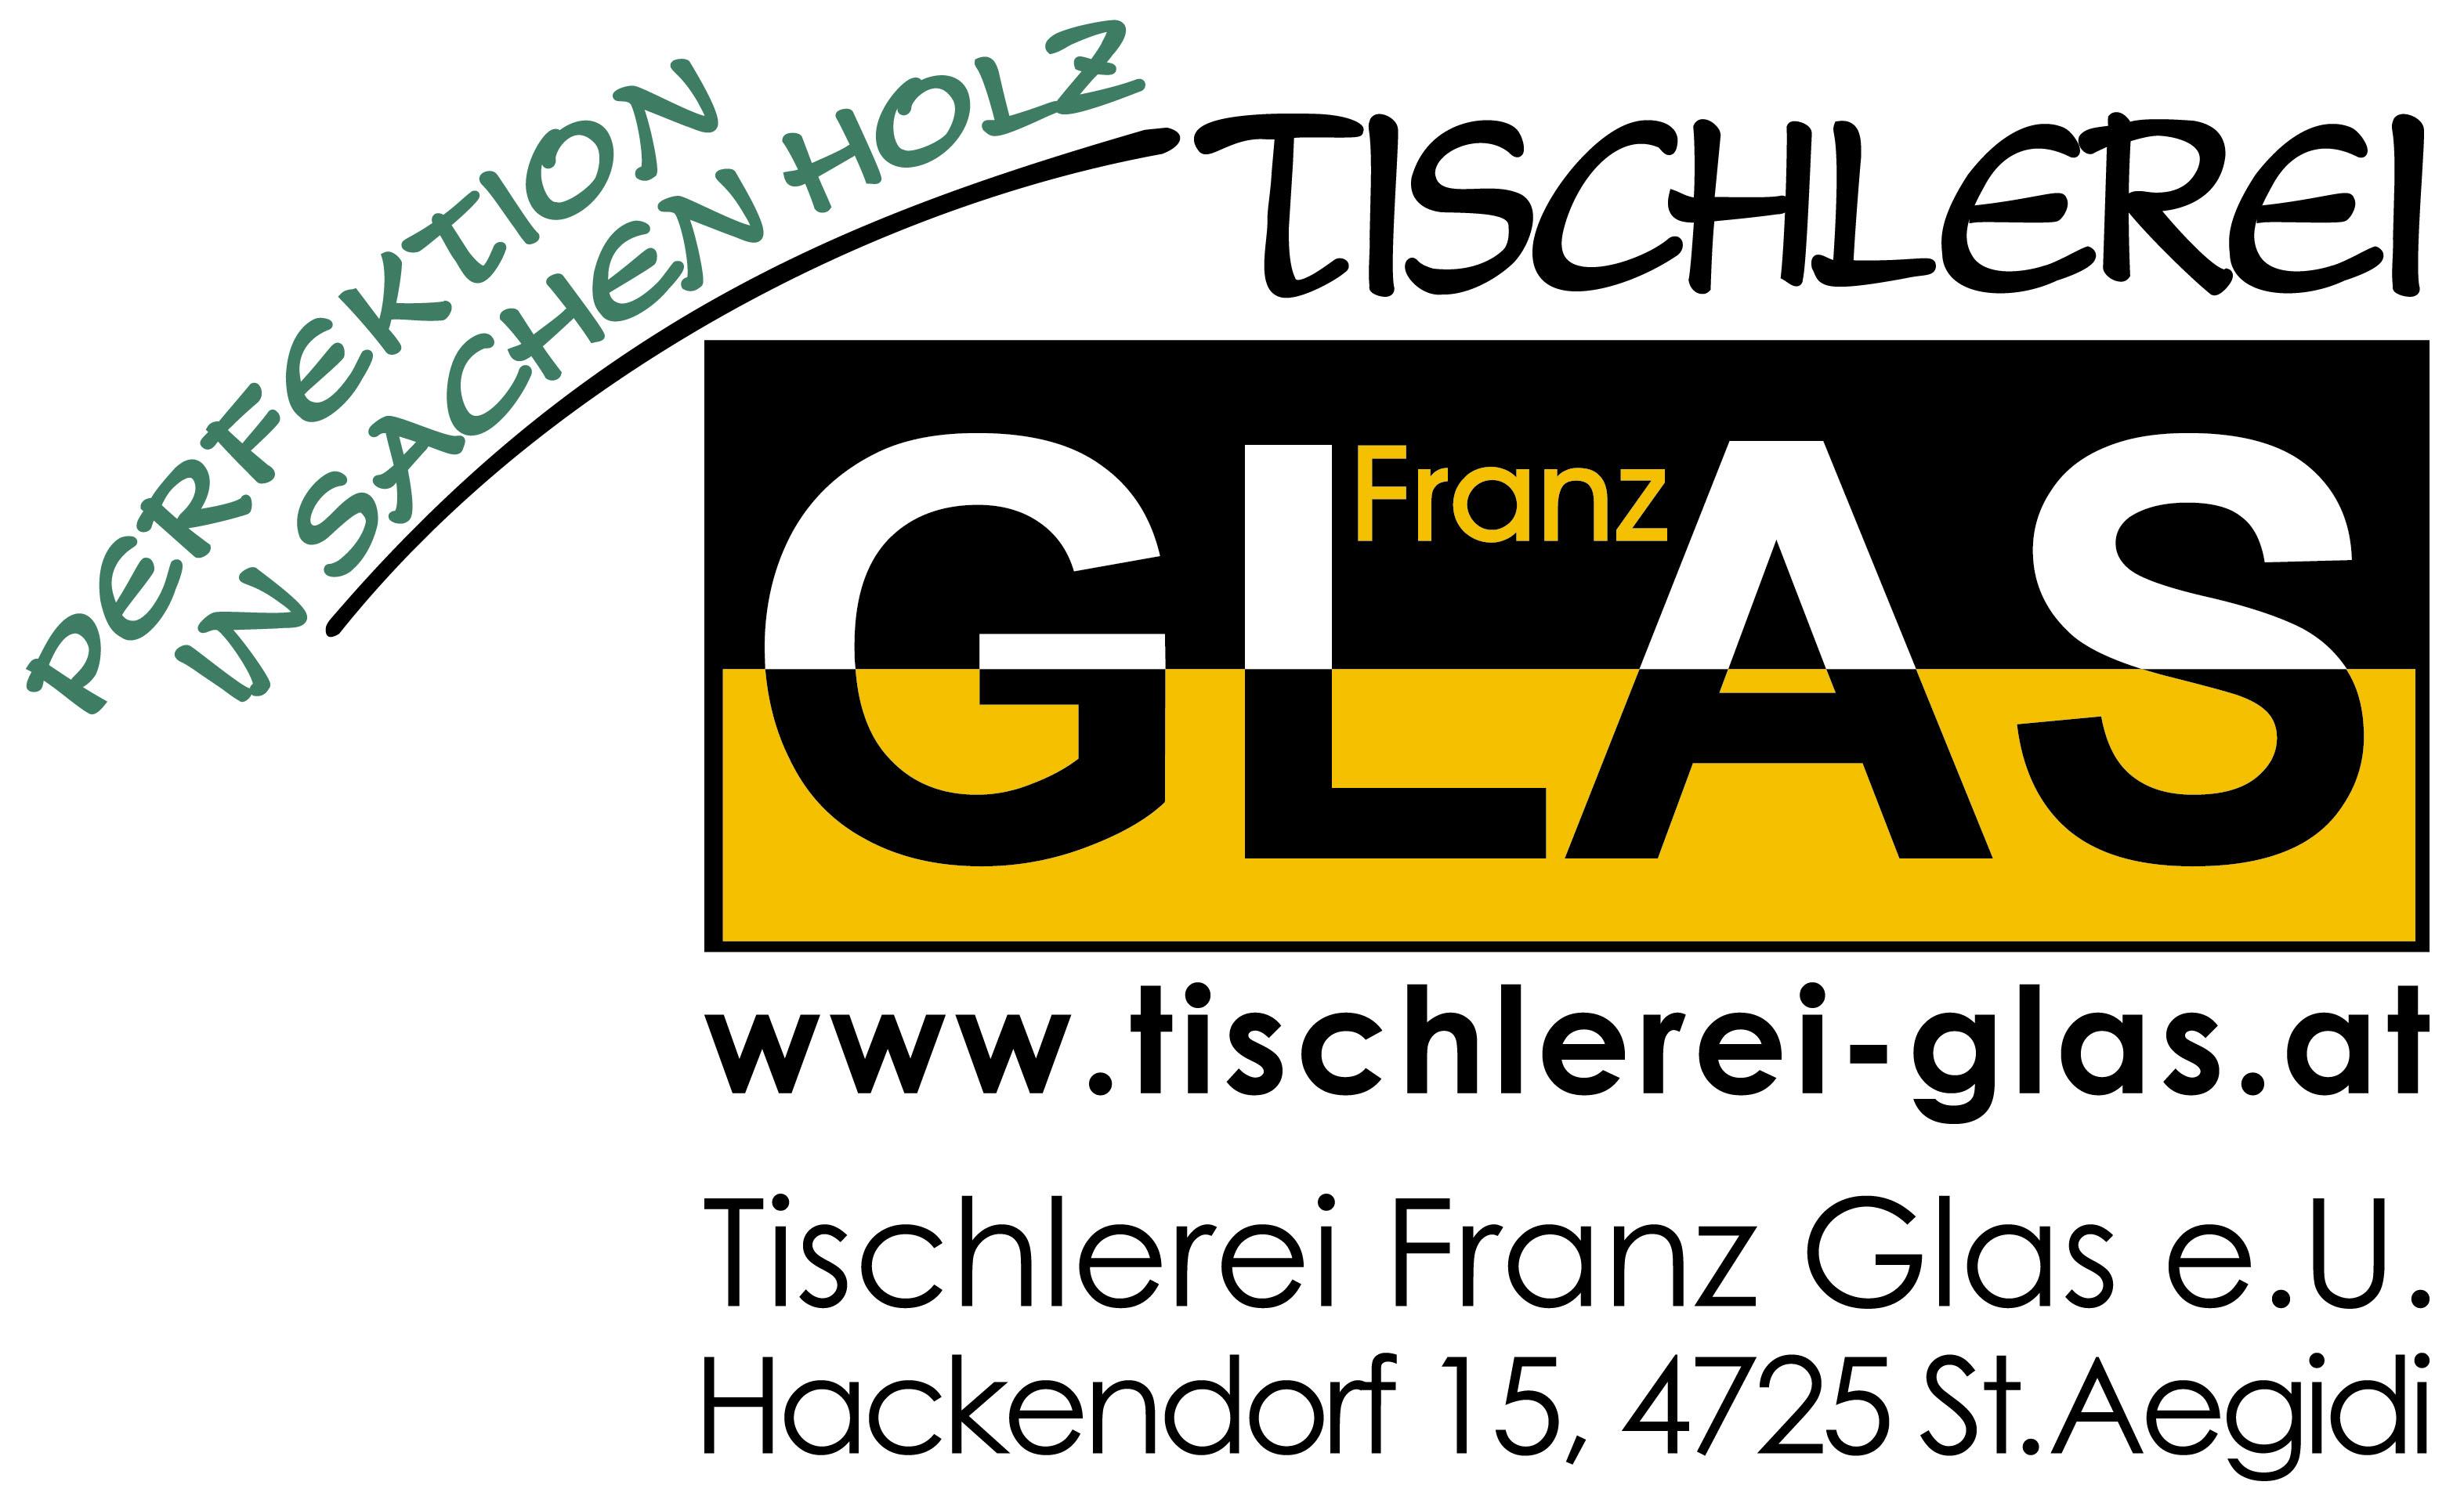 Tischlerei Franz Glas e.U.